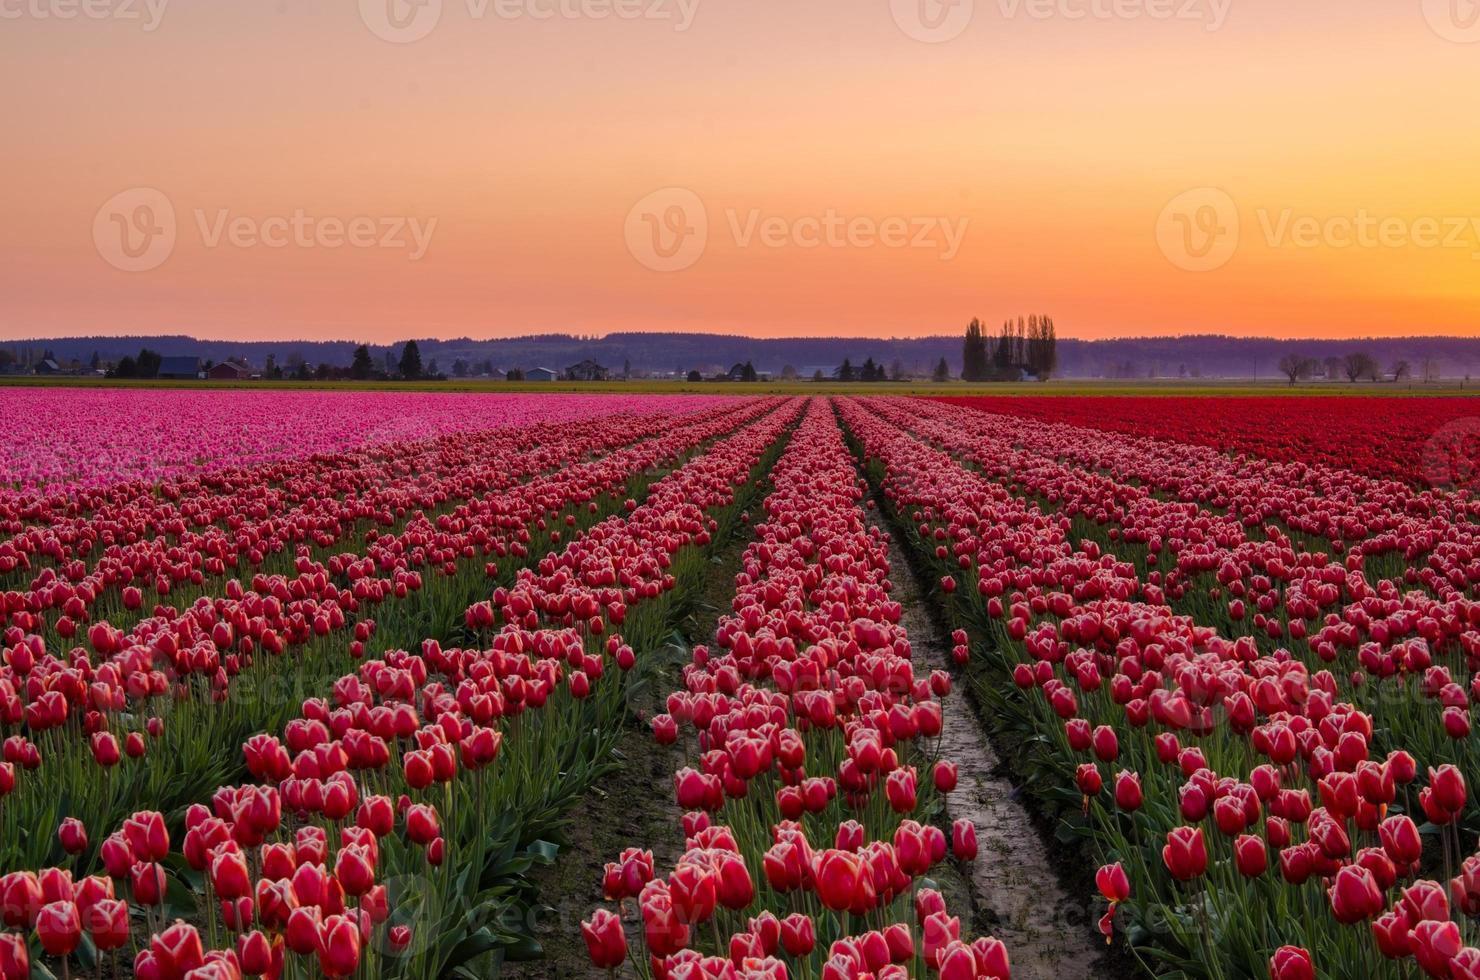 coucher de soleil dans les champs de tulipes de la vallée de skagit photo